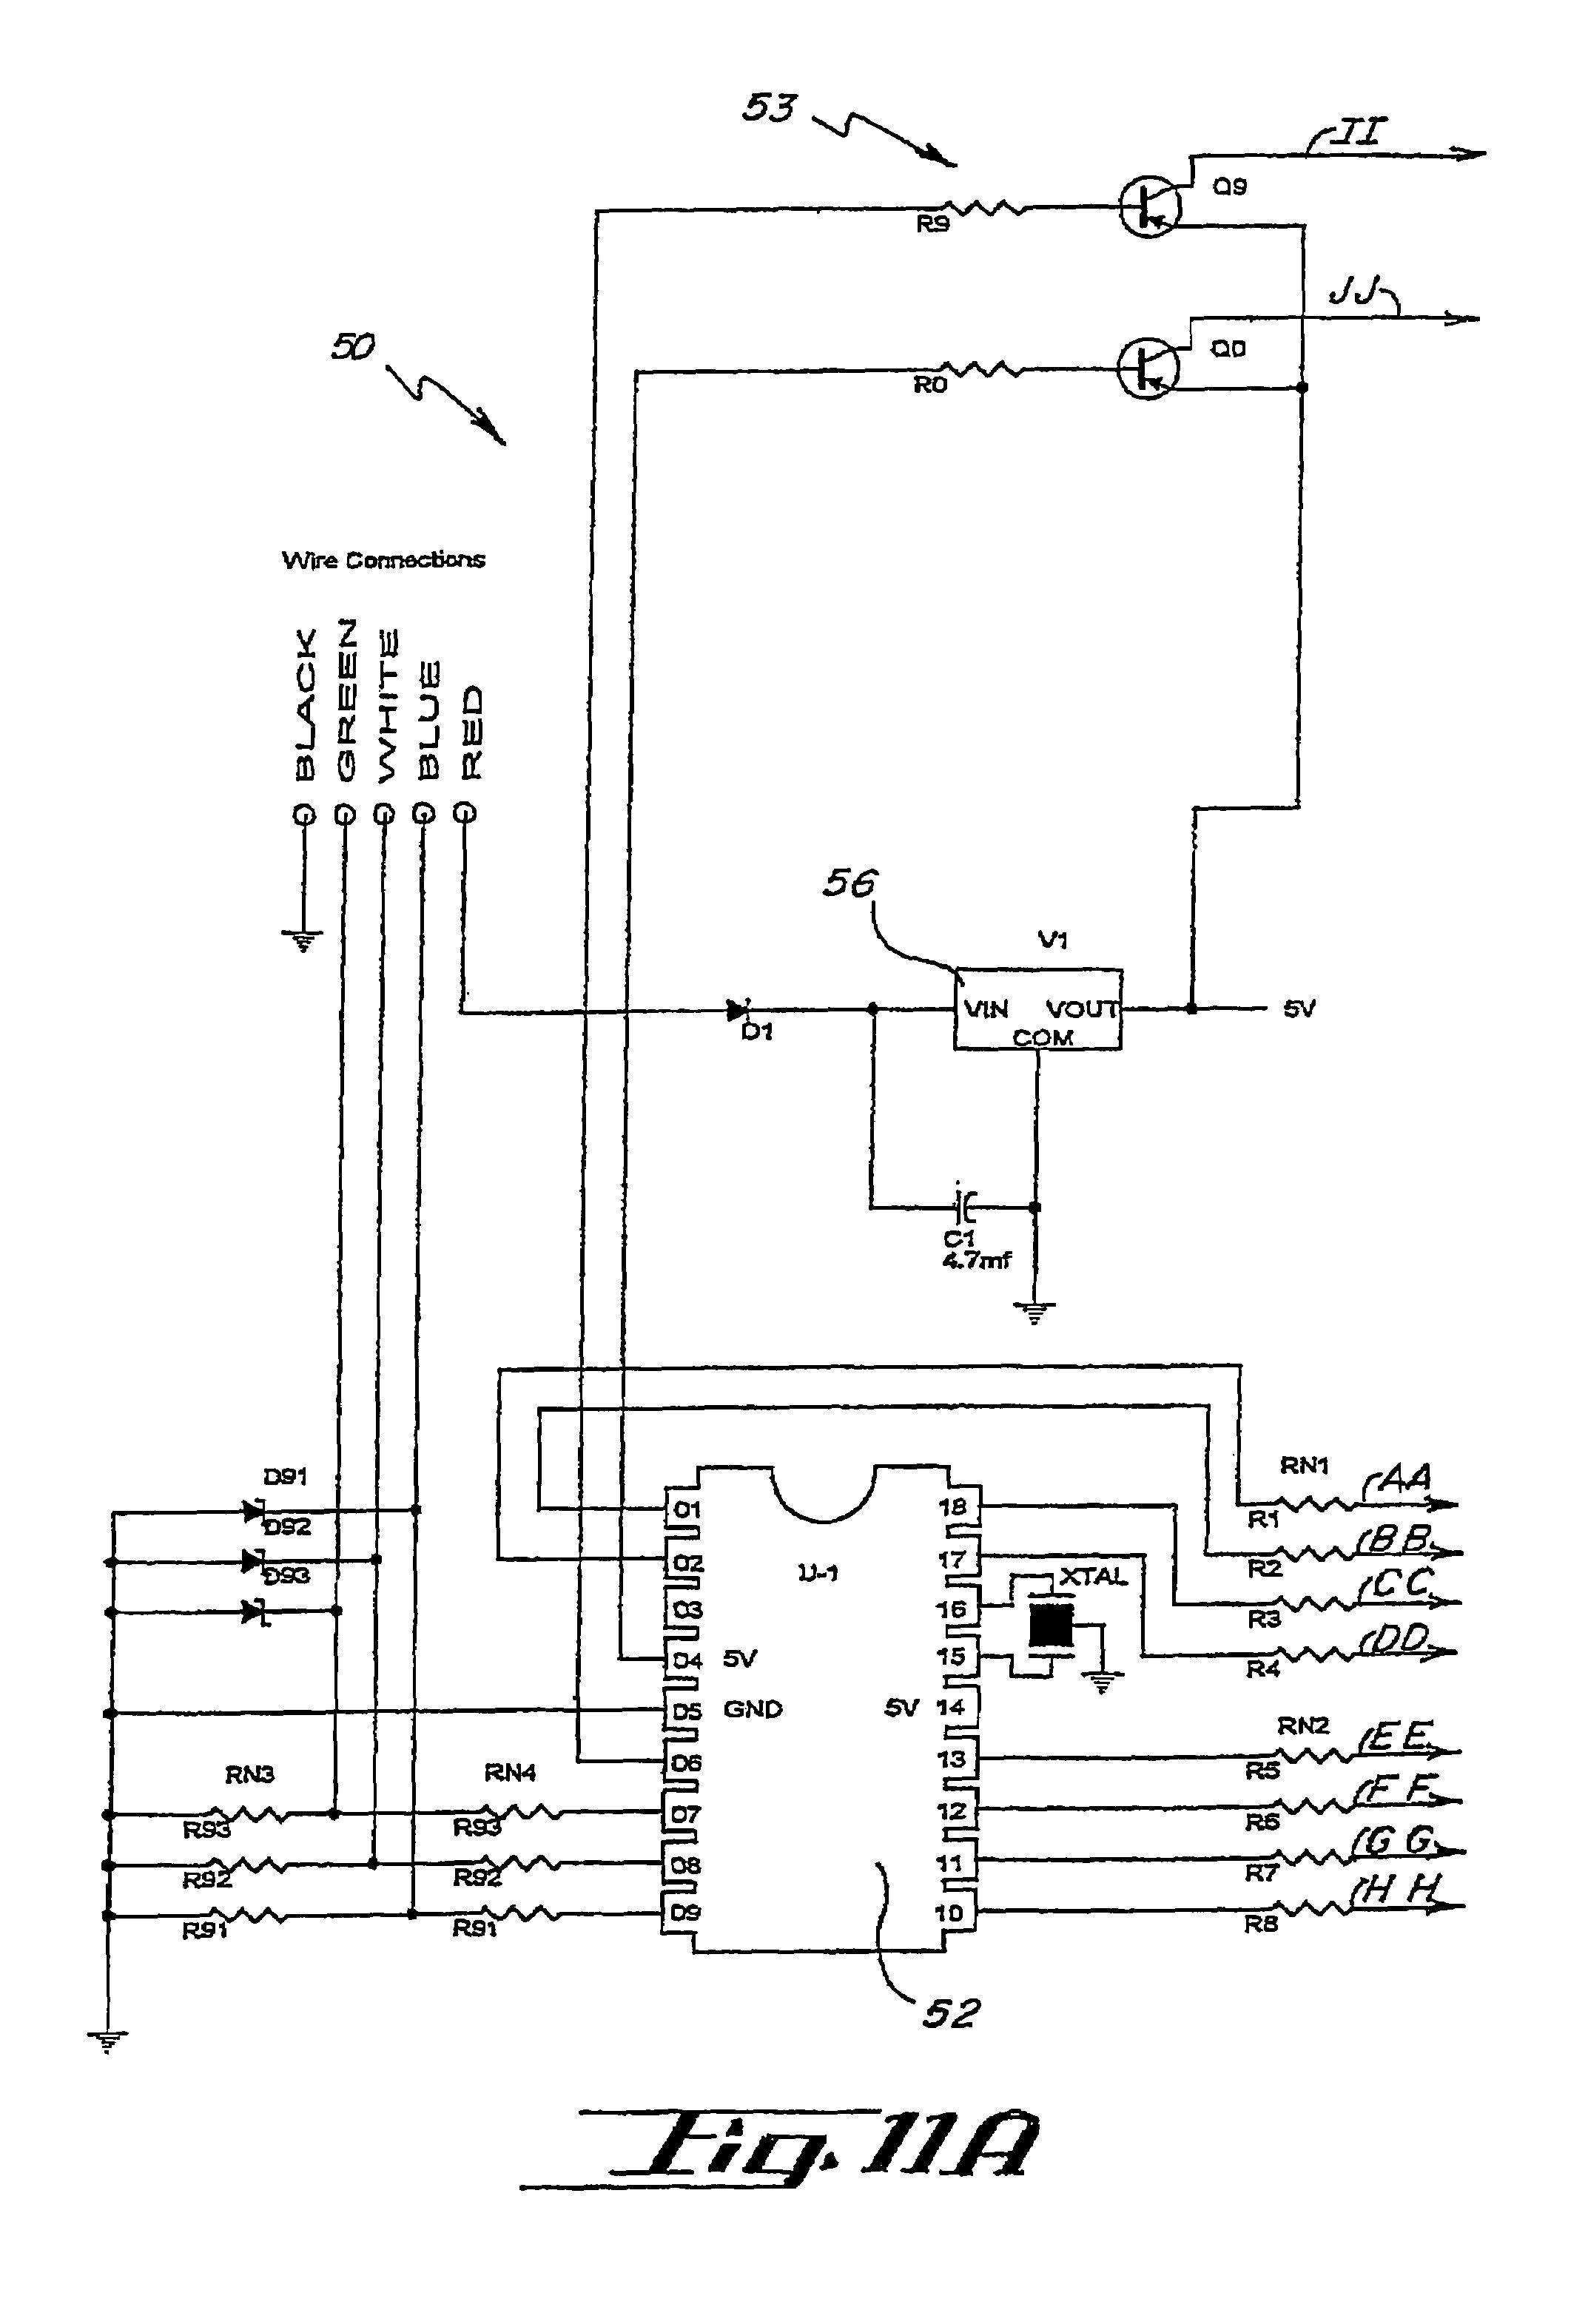 4 Wire Alternator Wiring Diagram Elegant In 2020 Electrical Wiring Diagram Alternator Diagram